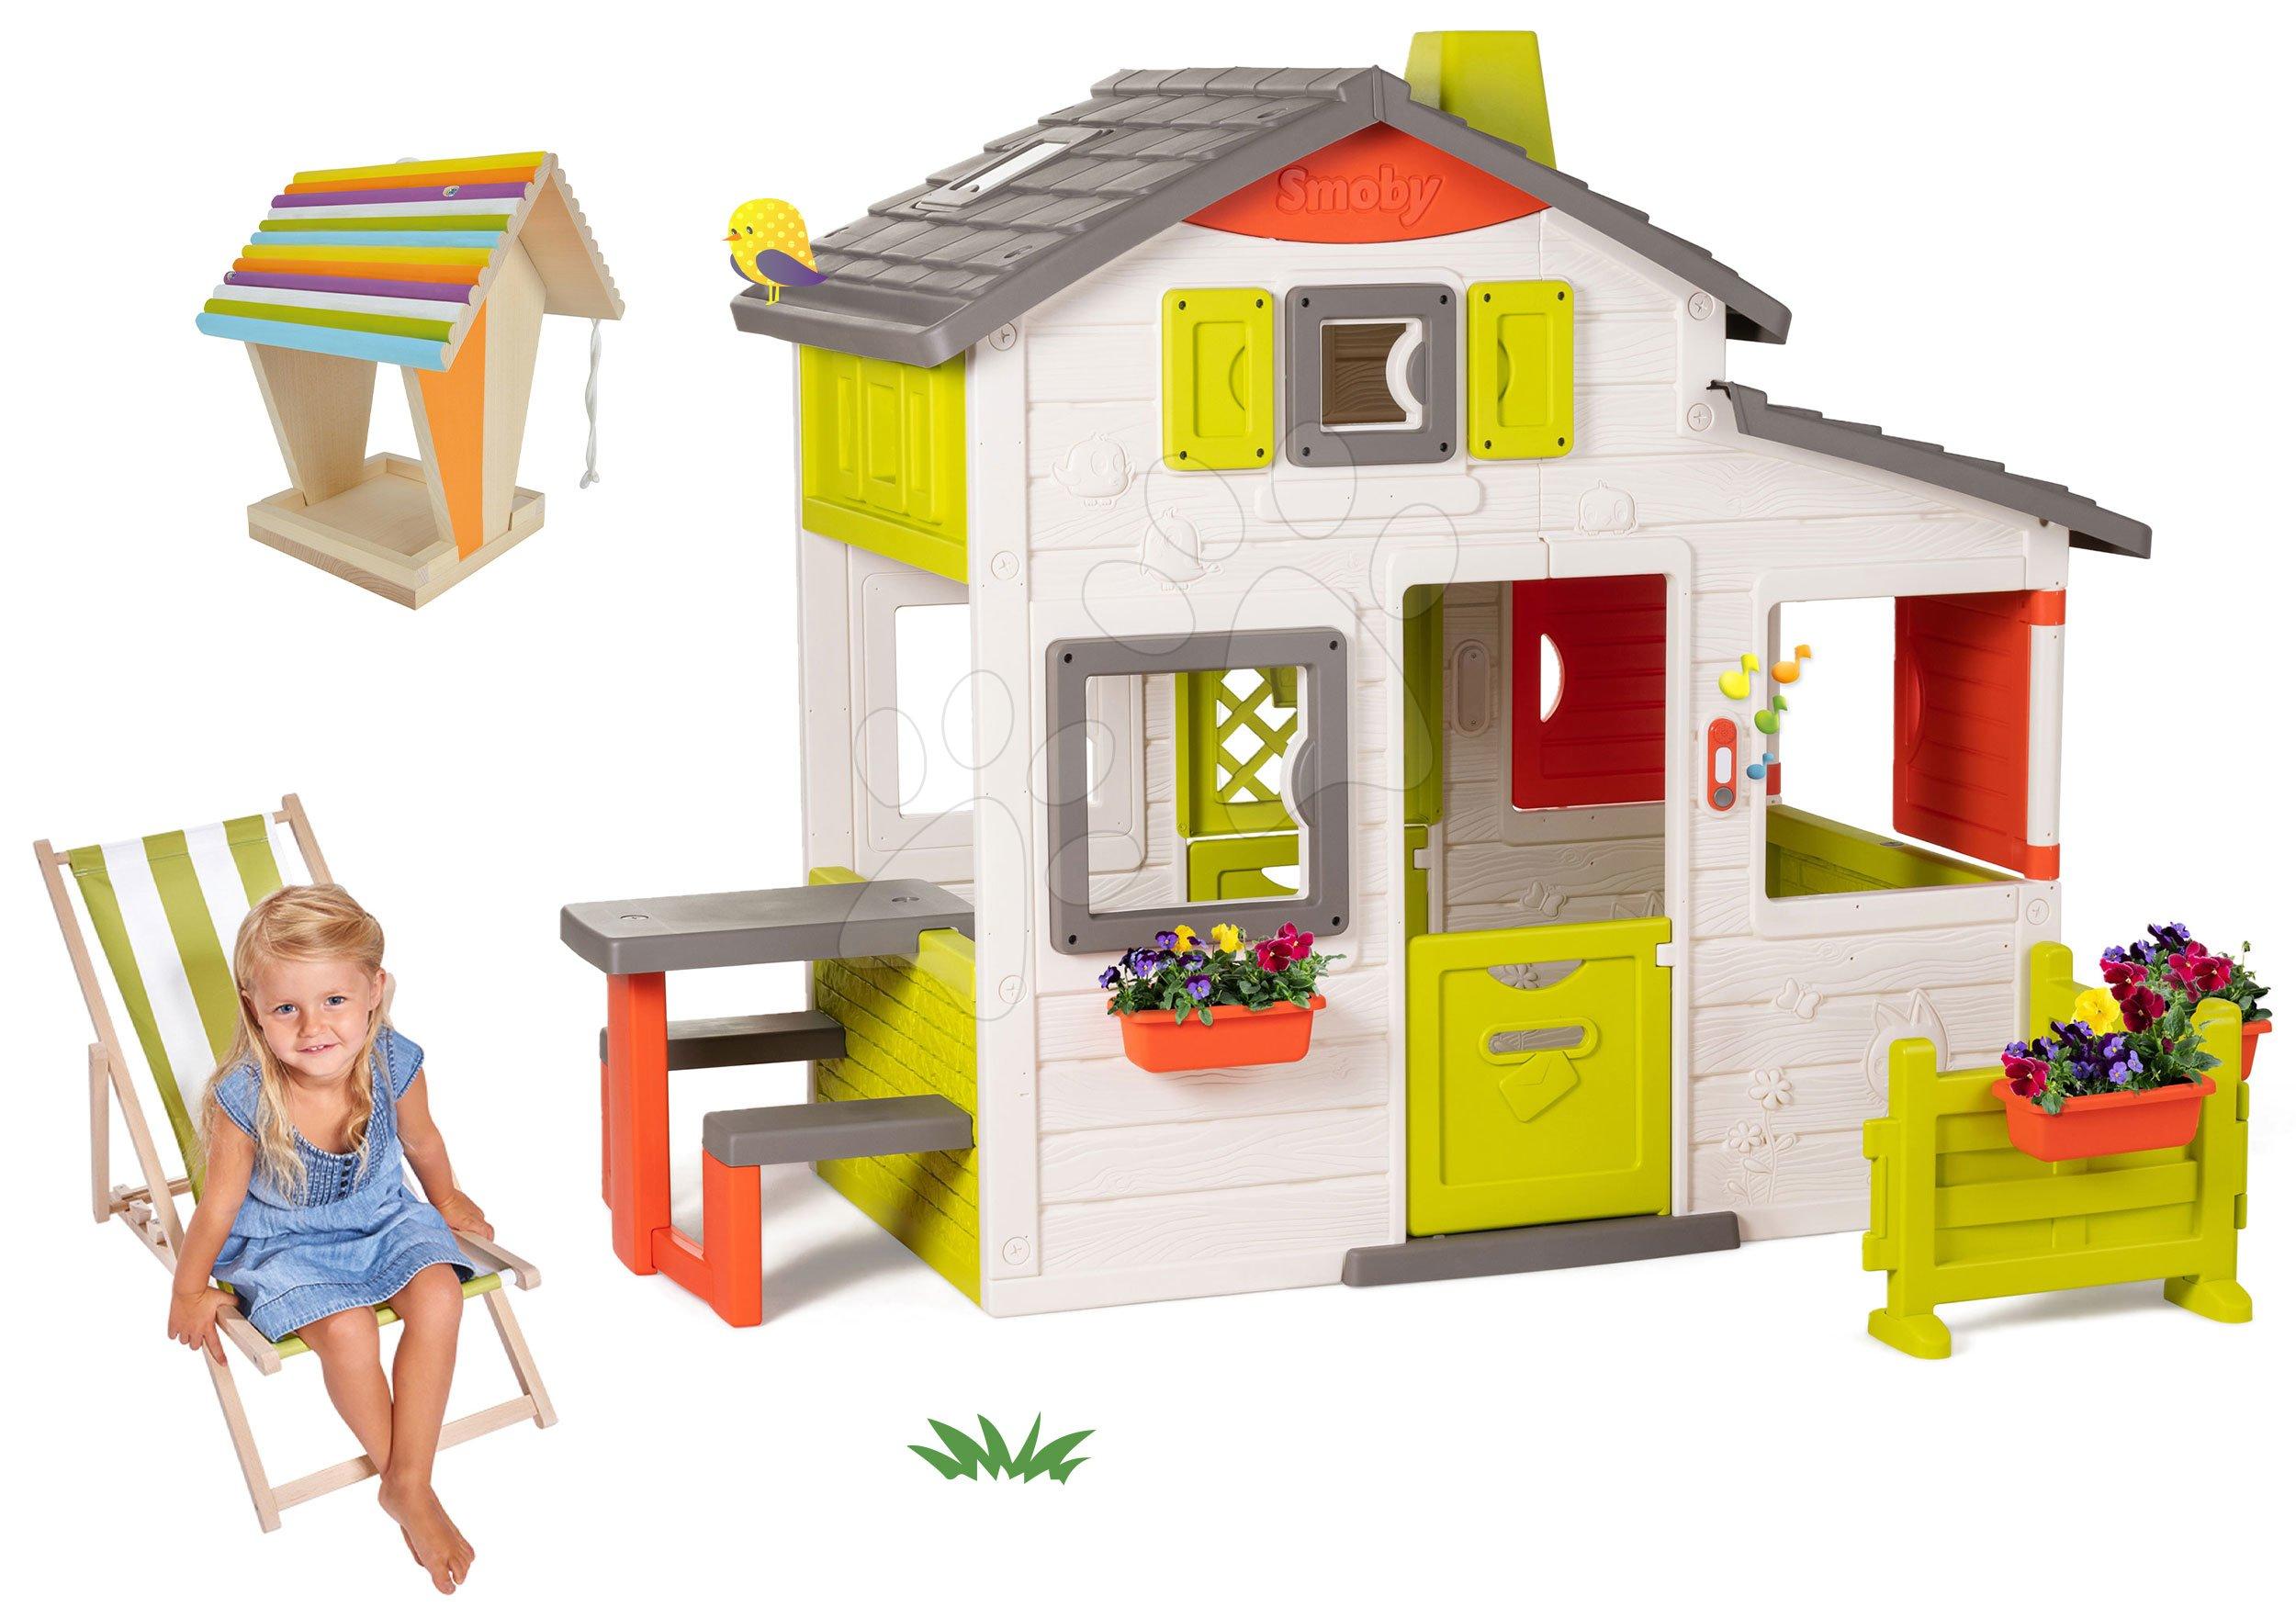 Set domček Priateľov Smoby s predzáhradkou a drevené lehátko s krmítkom pre vtáčiky